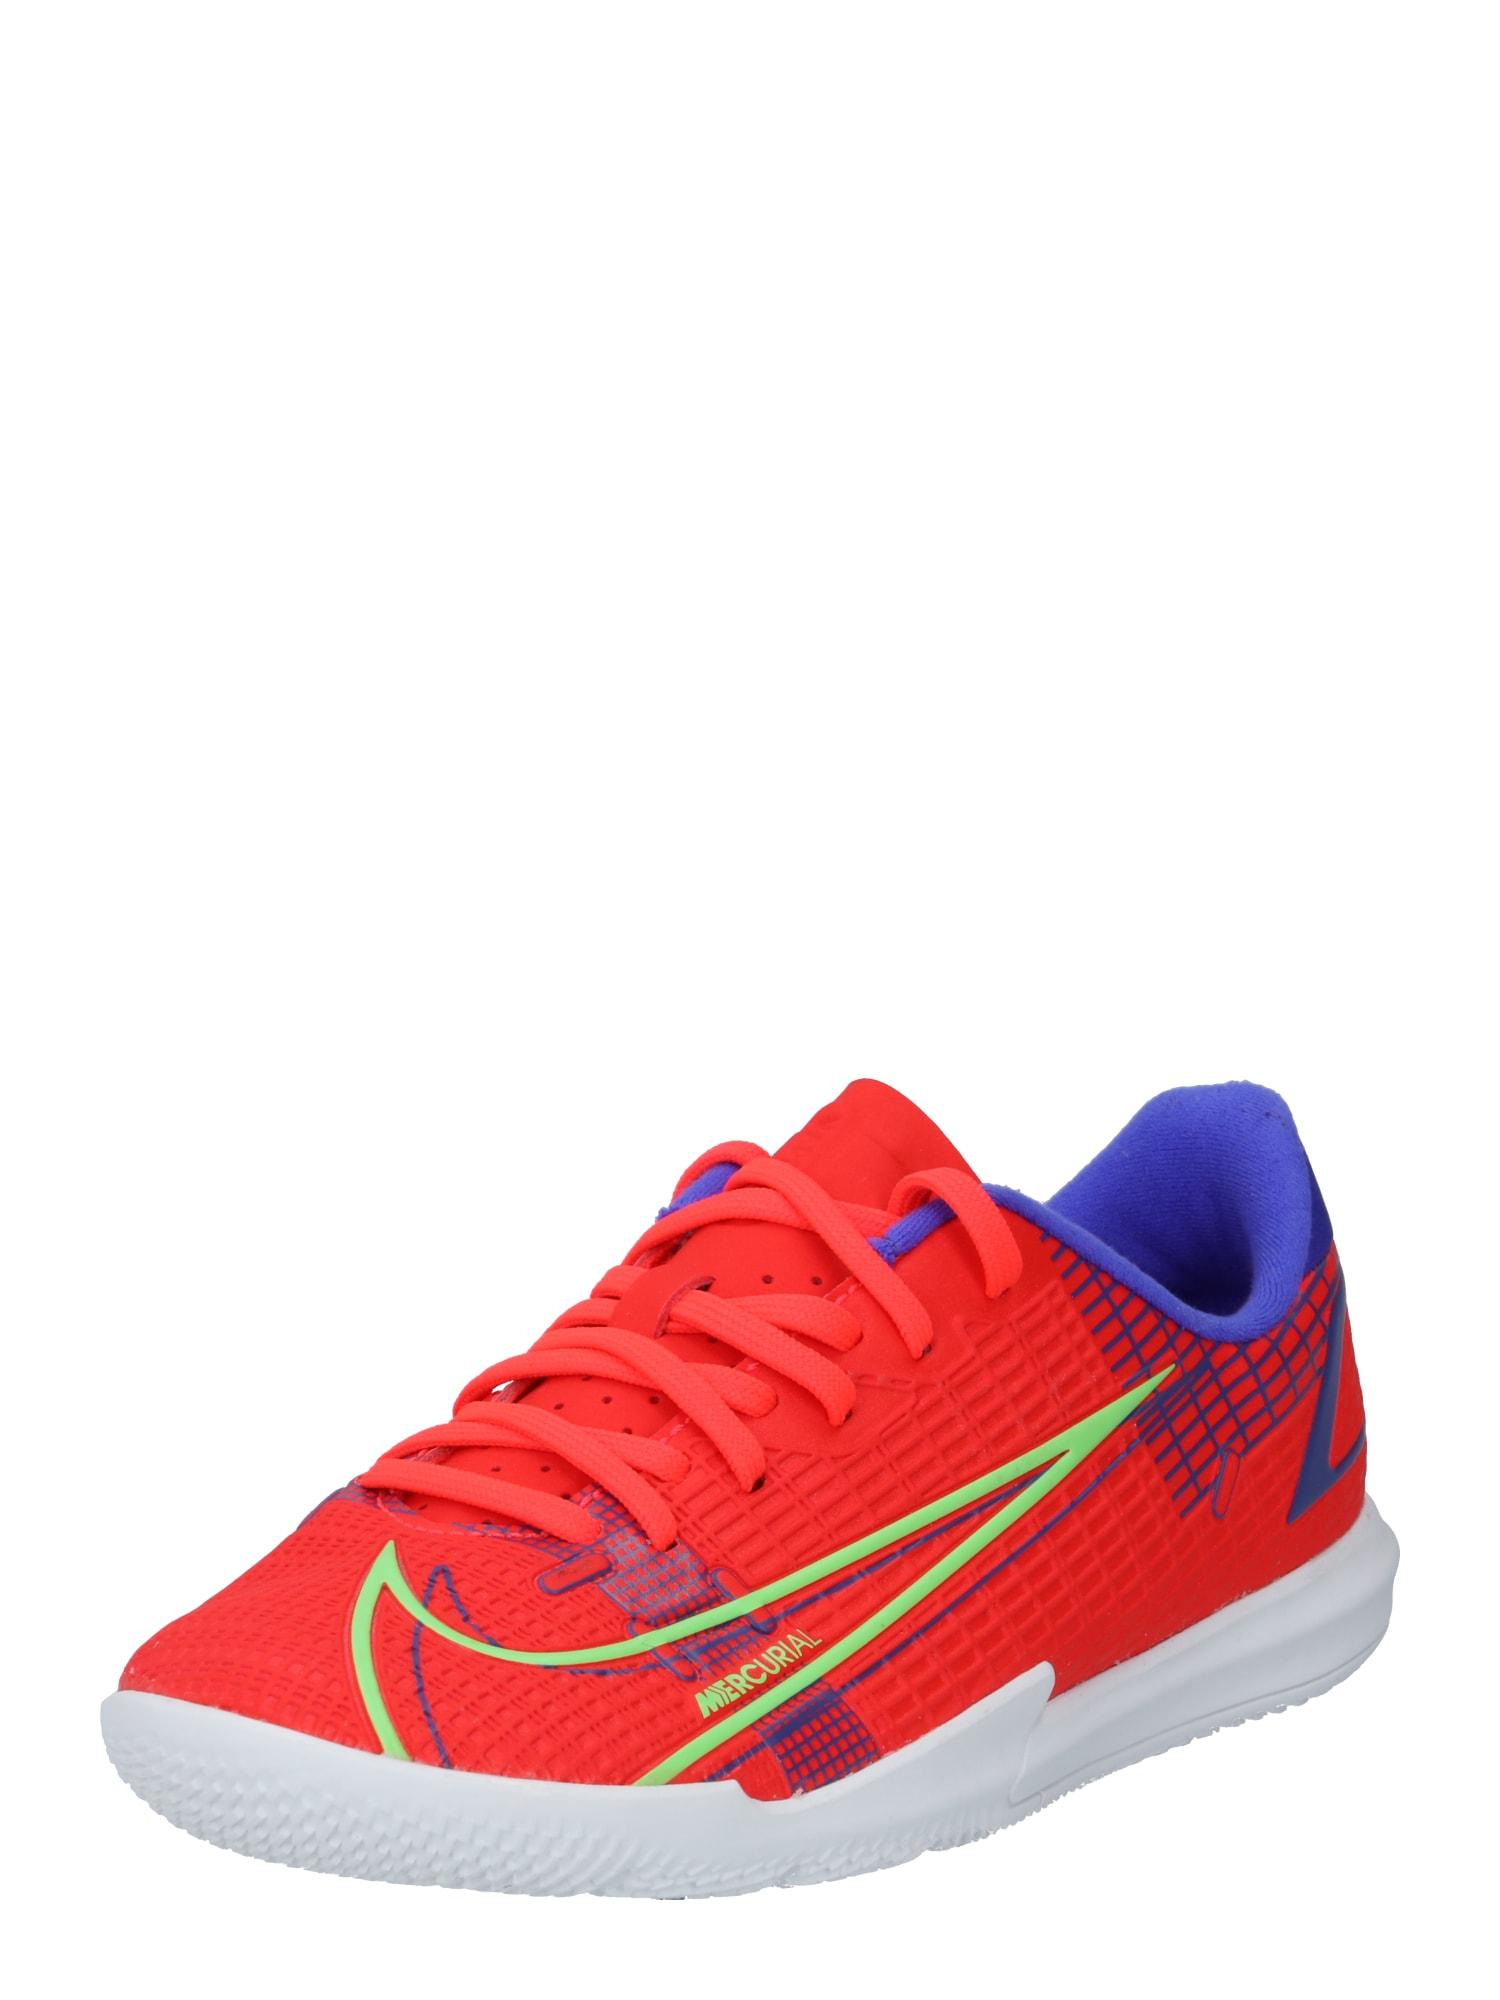 NIKE Sportiniai batai 'Vapor 14 Spectrum Academy' tamsiai oranžinė / mėlyna / obuolių spalva